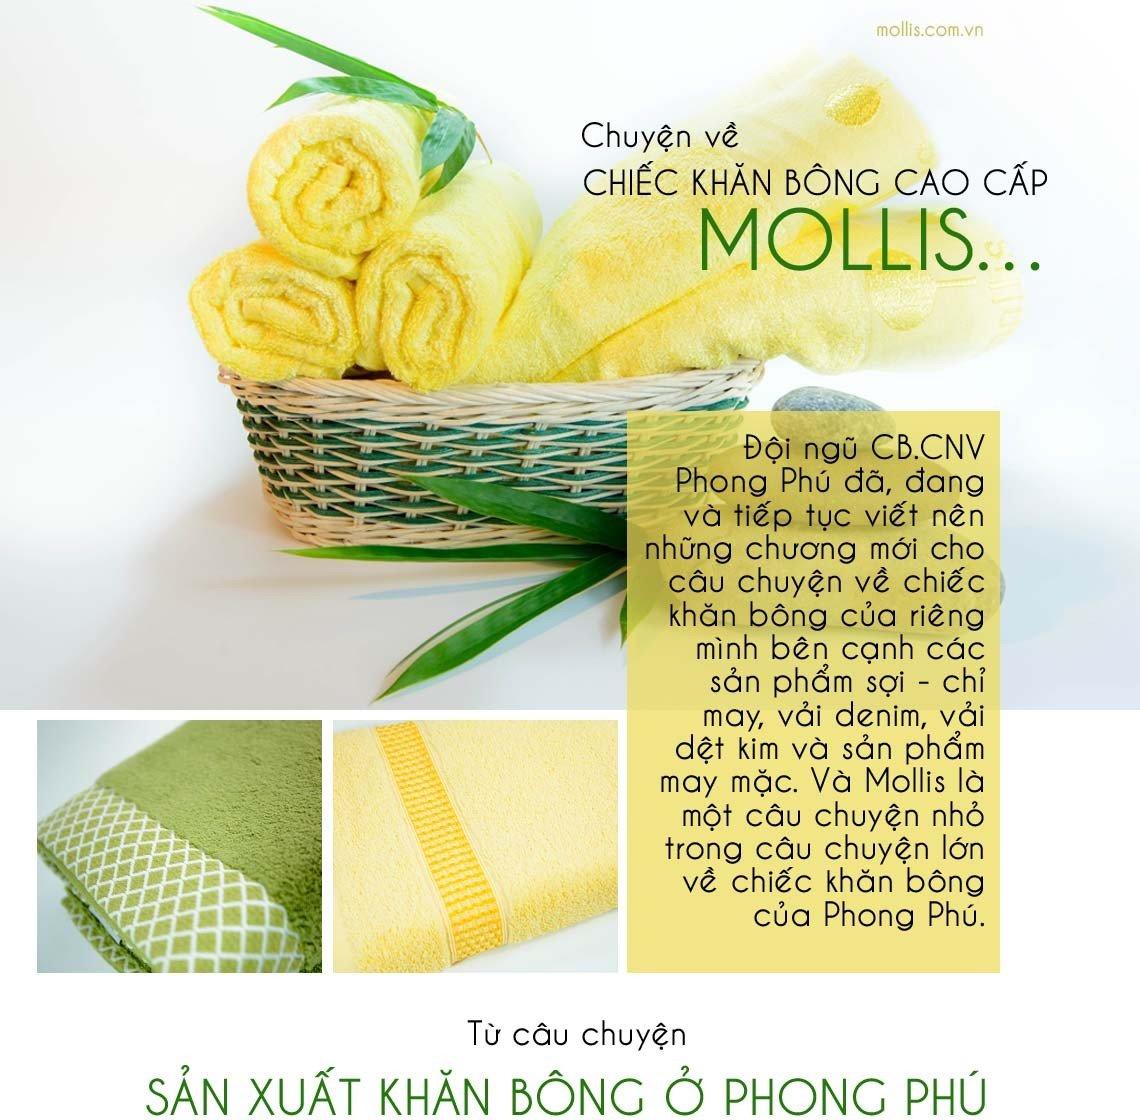 Câu chuyện khăn bông Mollis